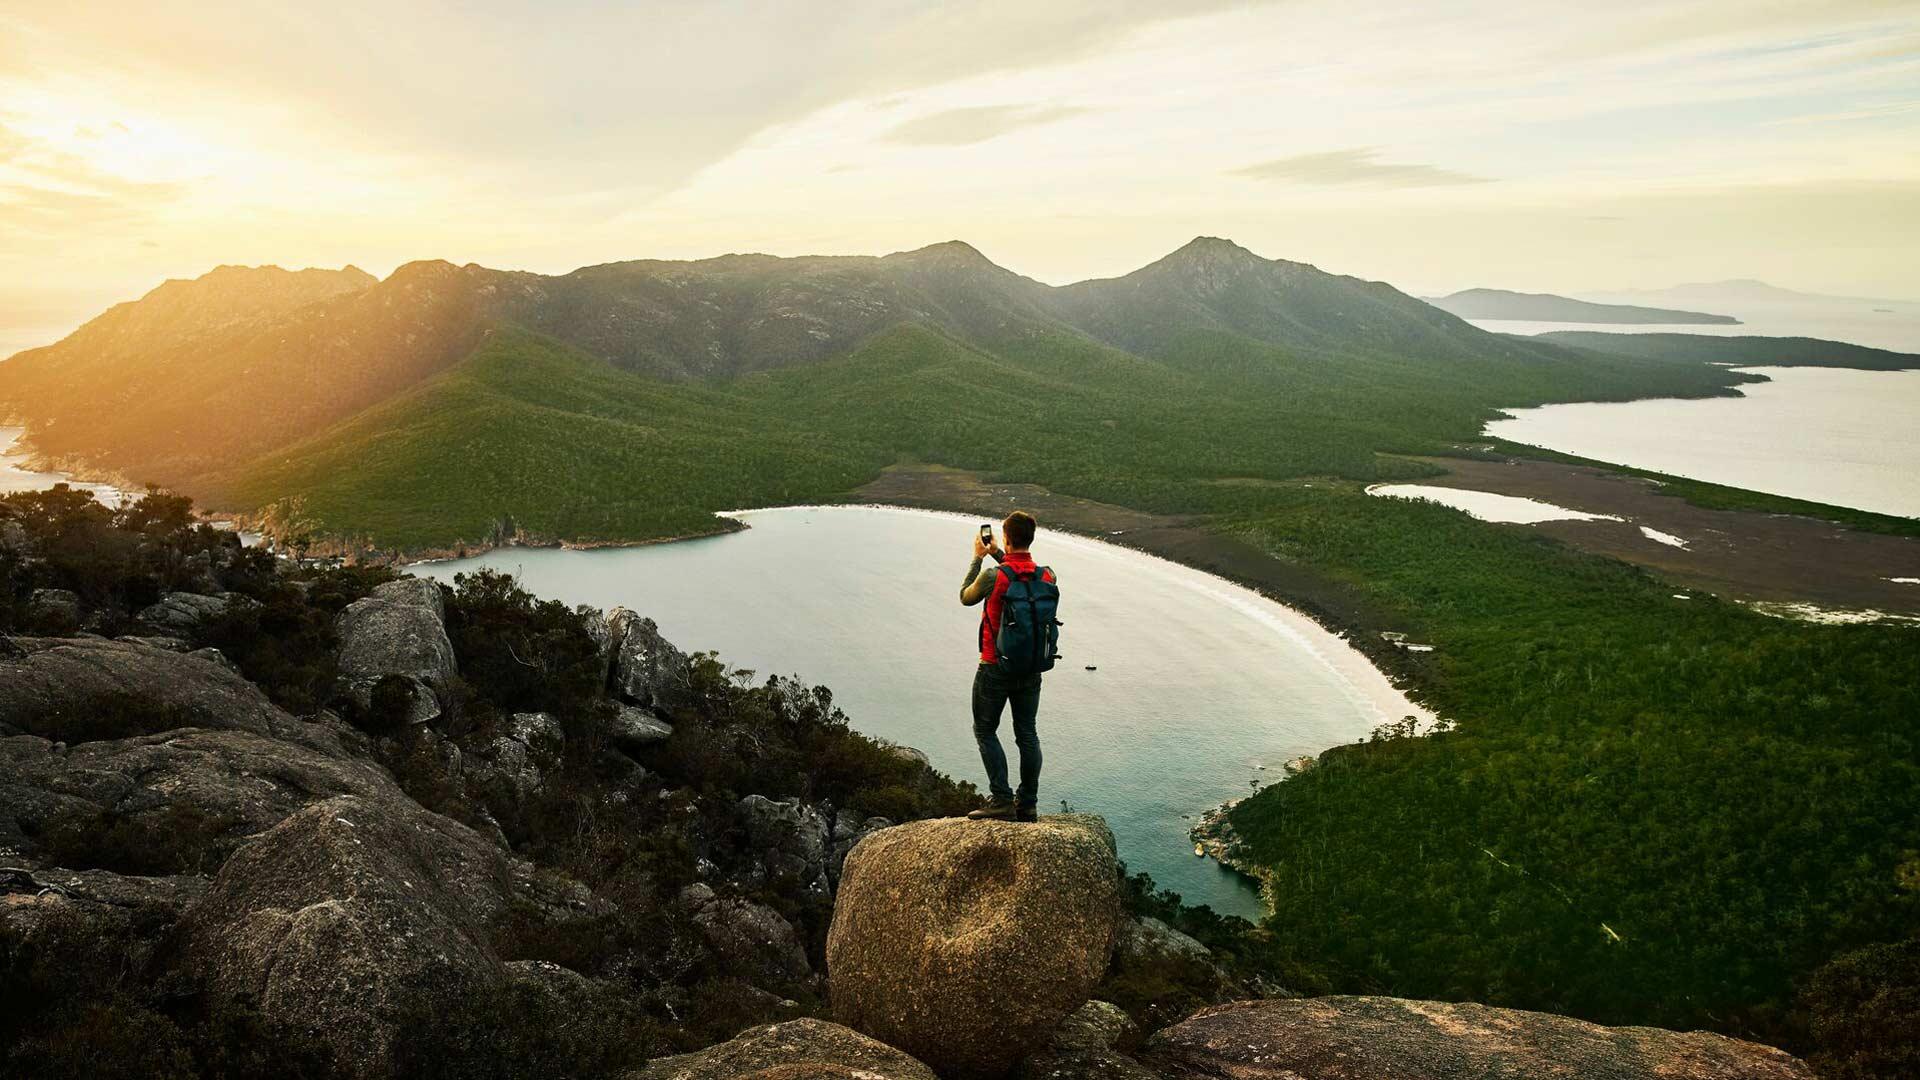 Ein Mann steh auf einem Berg und fotografiert den See im Tal mit seinem Smartphone.